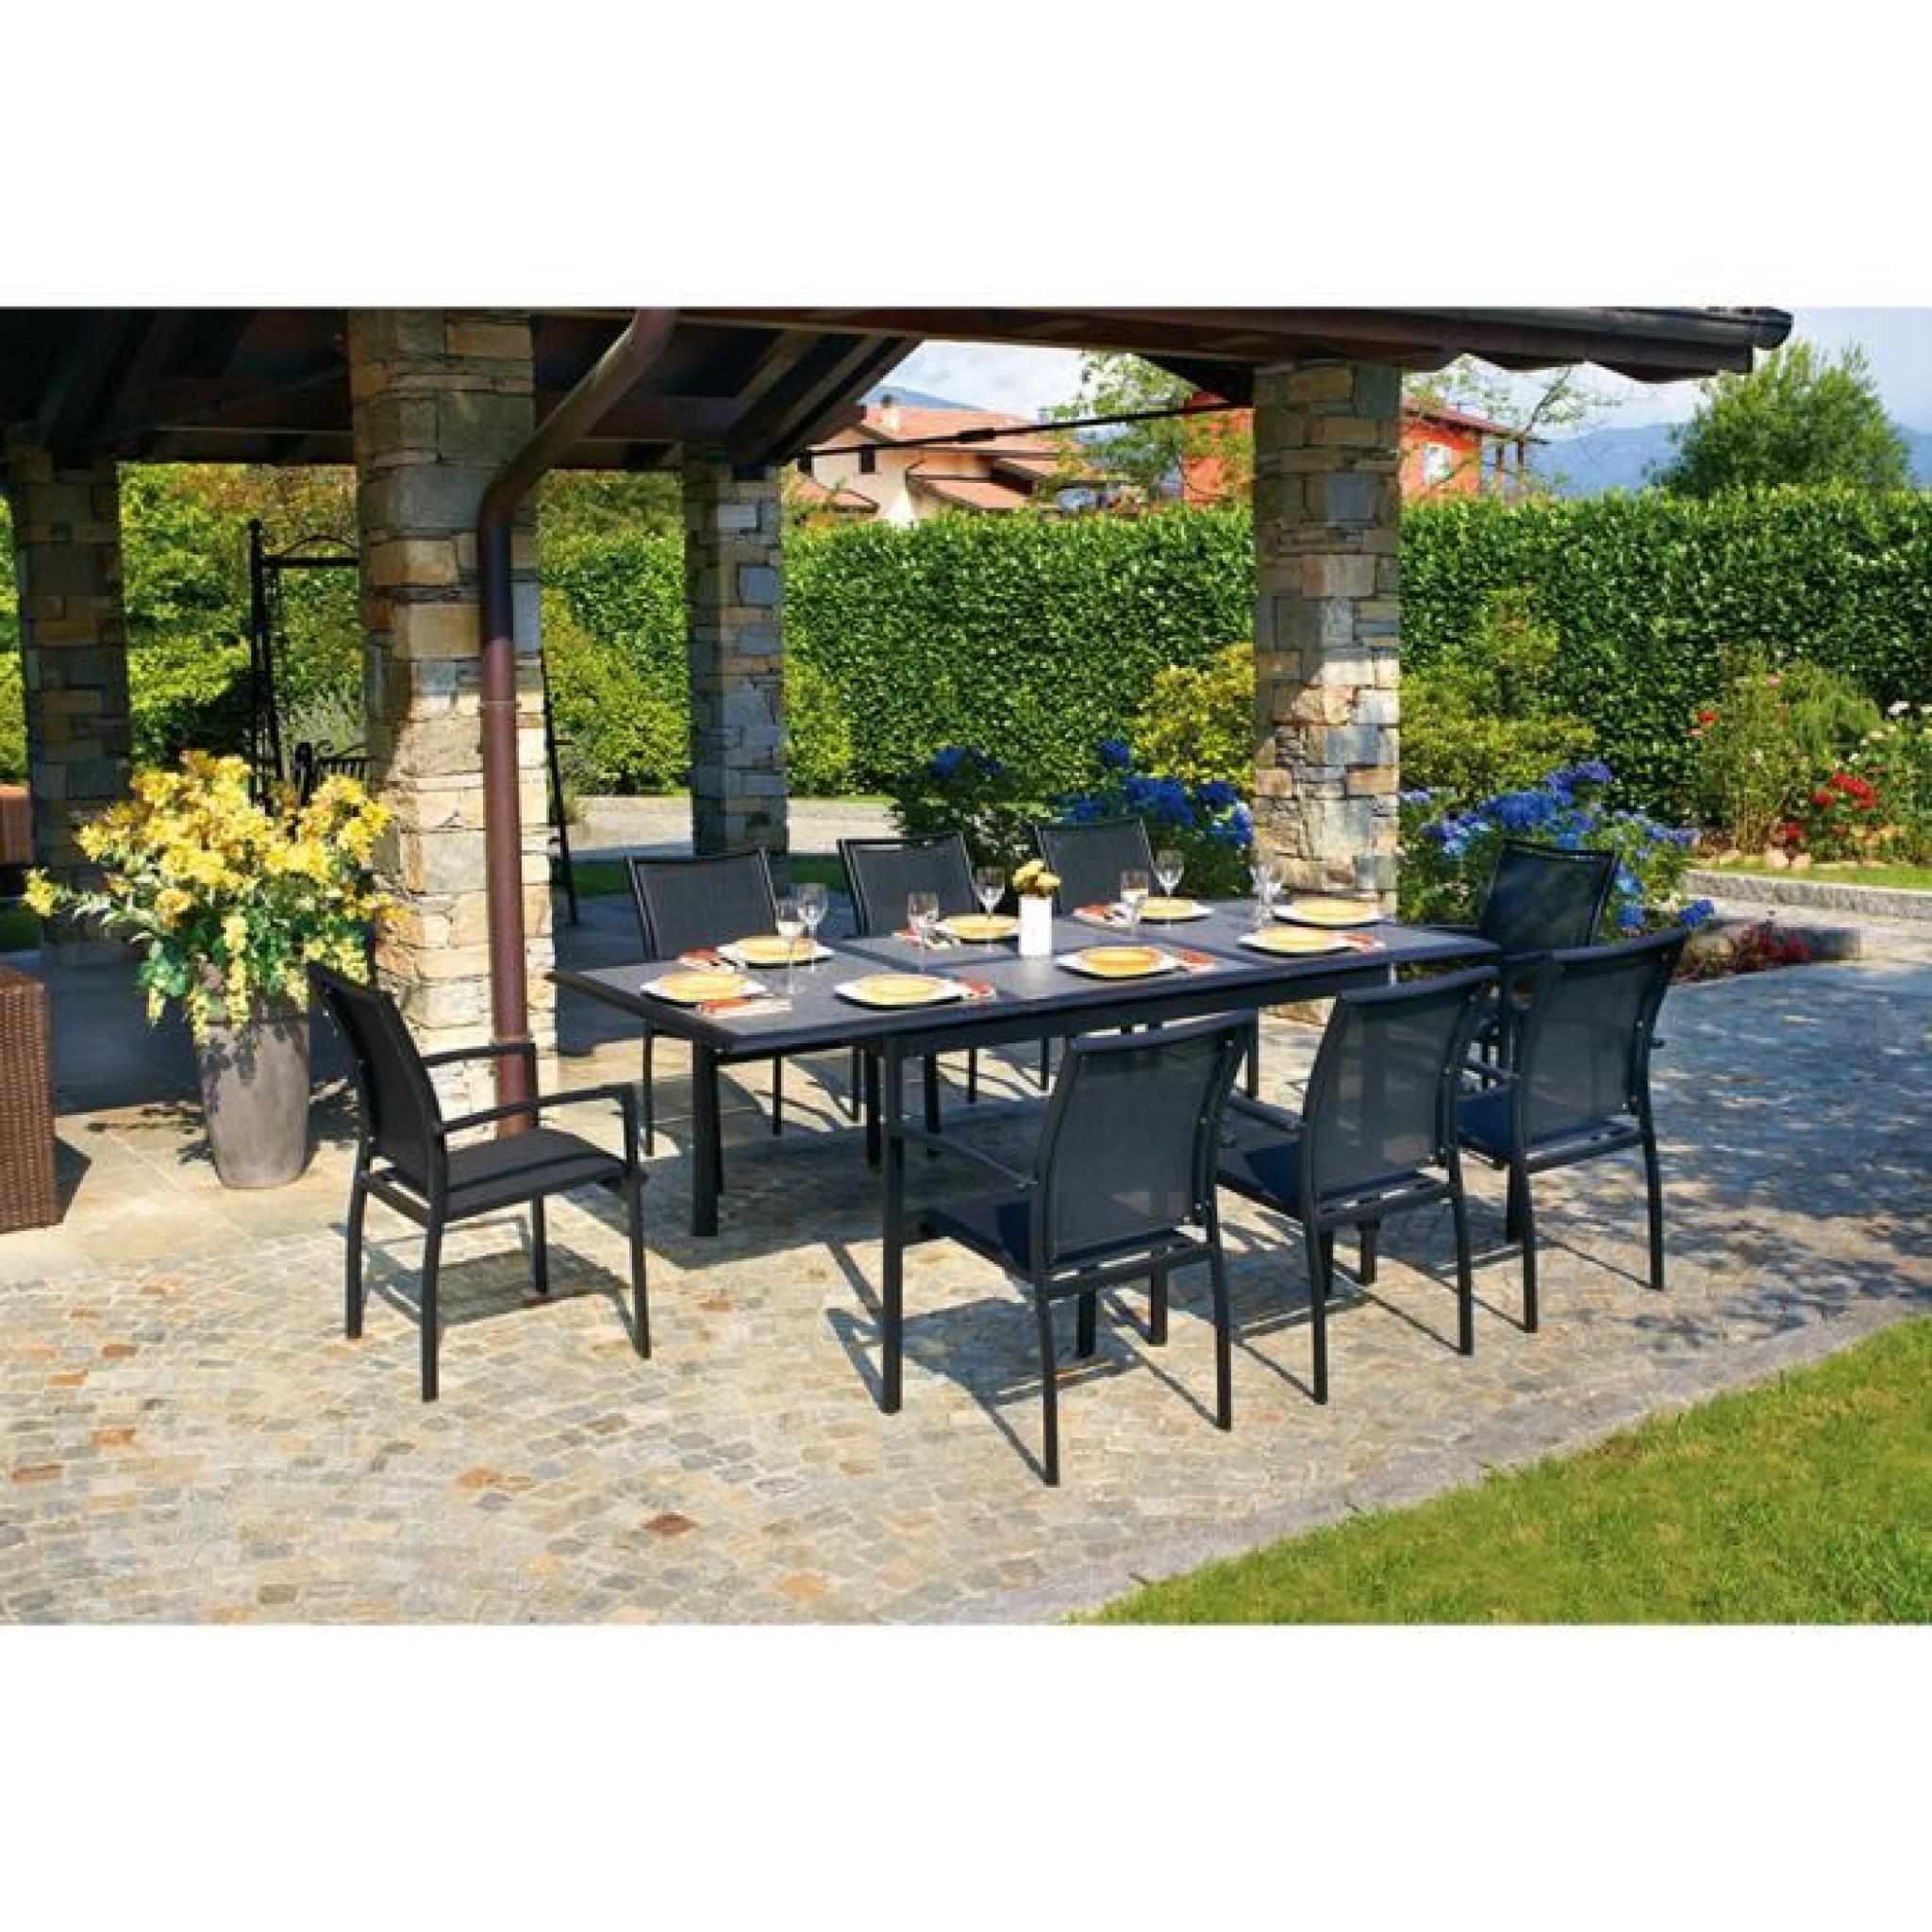 Table extensible en aluminium noir opaque avec plateau en verre imitation  pierre - Dim : 76 x 160-240 x 100 cm